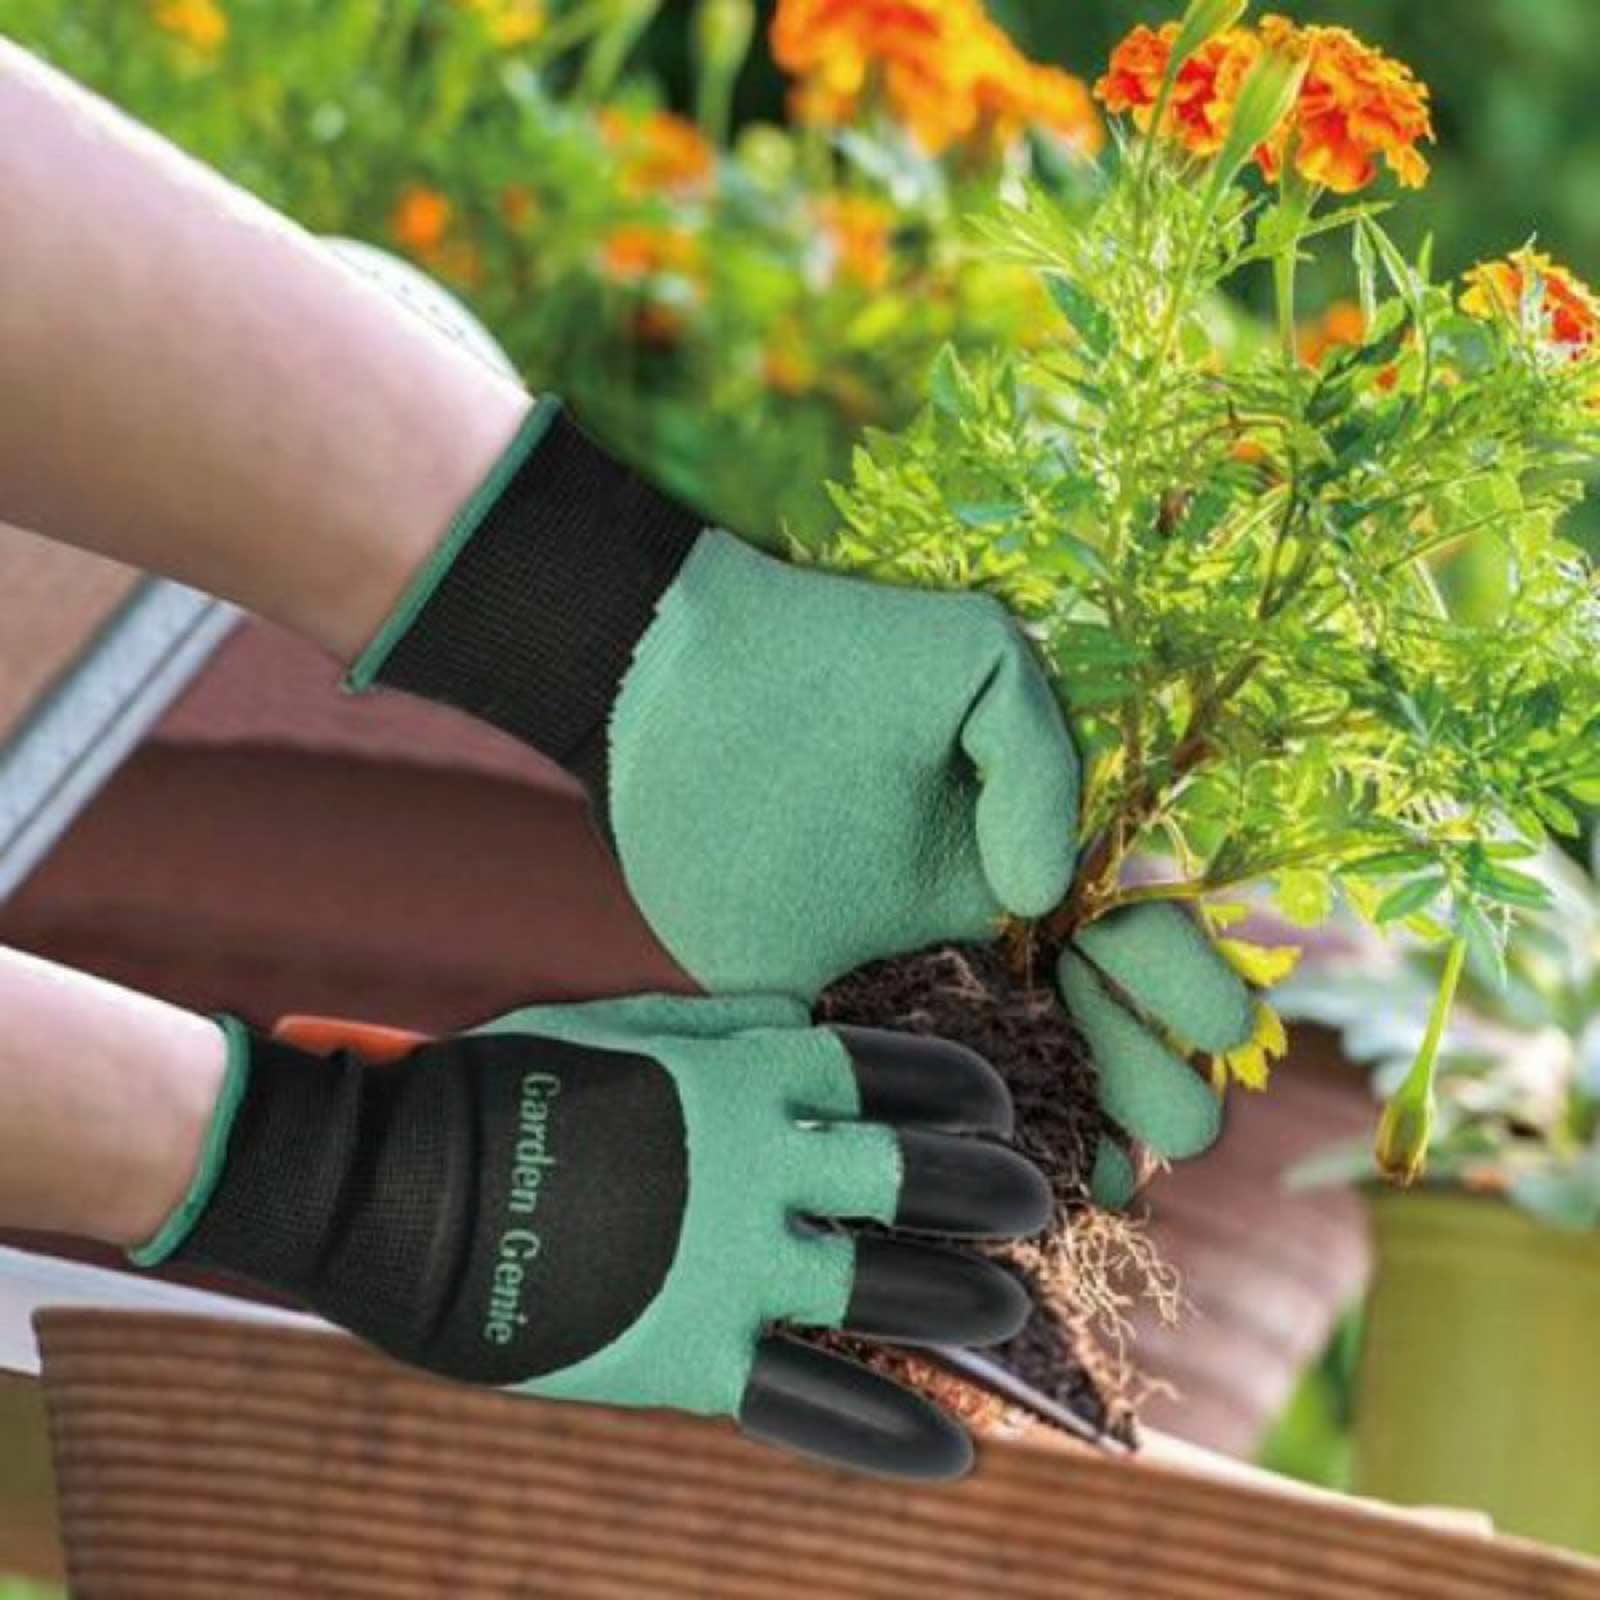 Садовые фигуры своими руками: делаем простые фигурки для сада 32